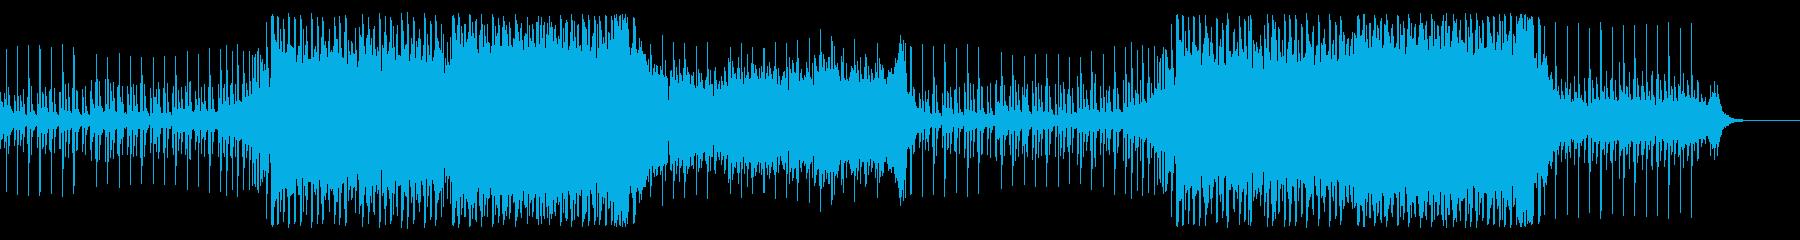 爽快で疾走感のあるメロディアスなEDMの再生済みの波形